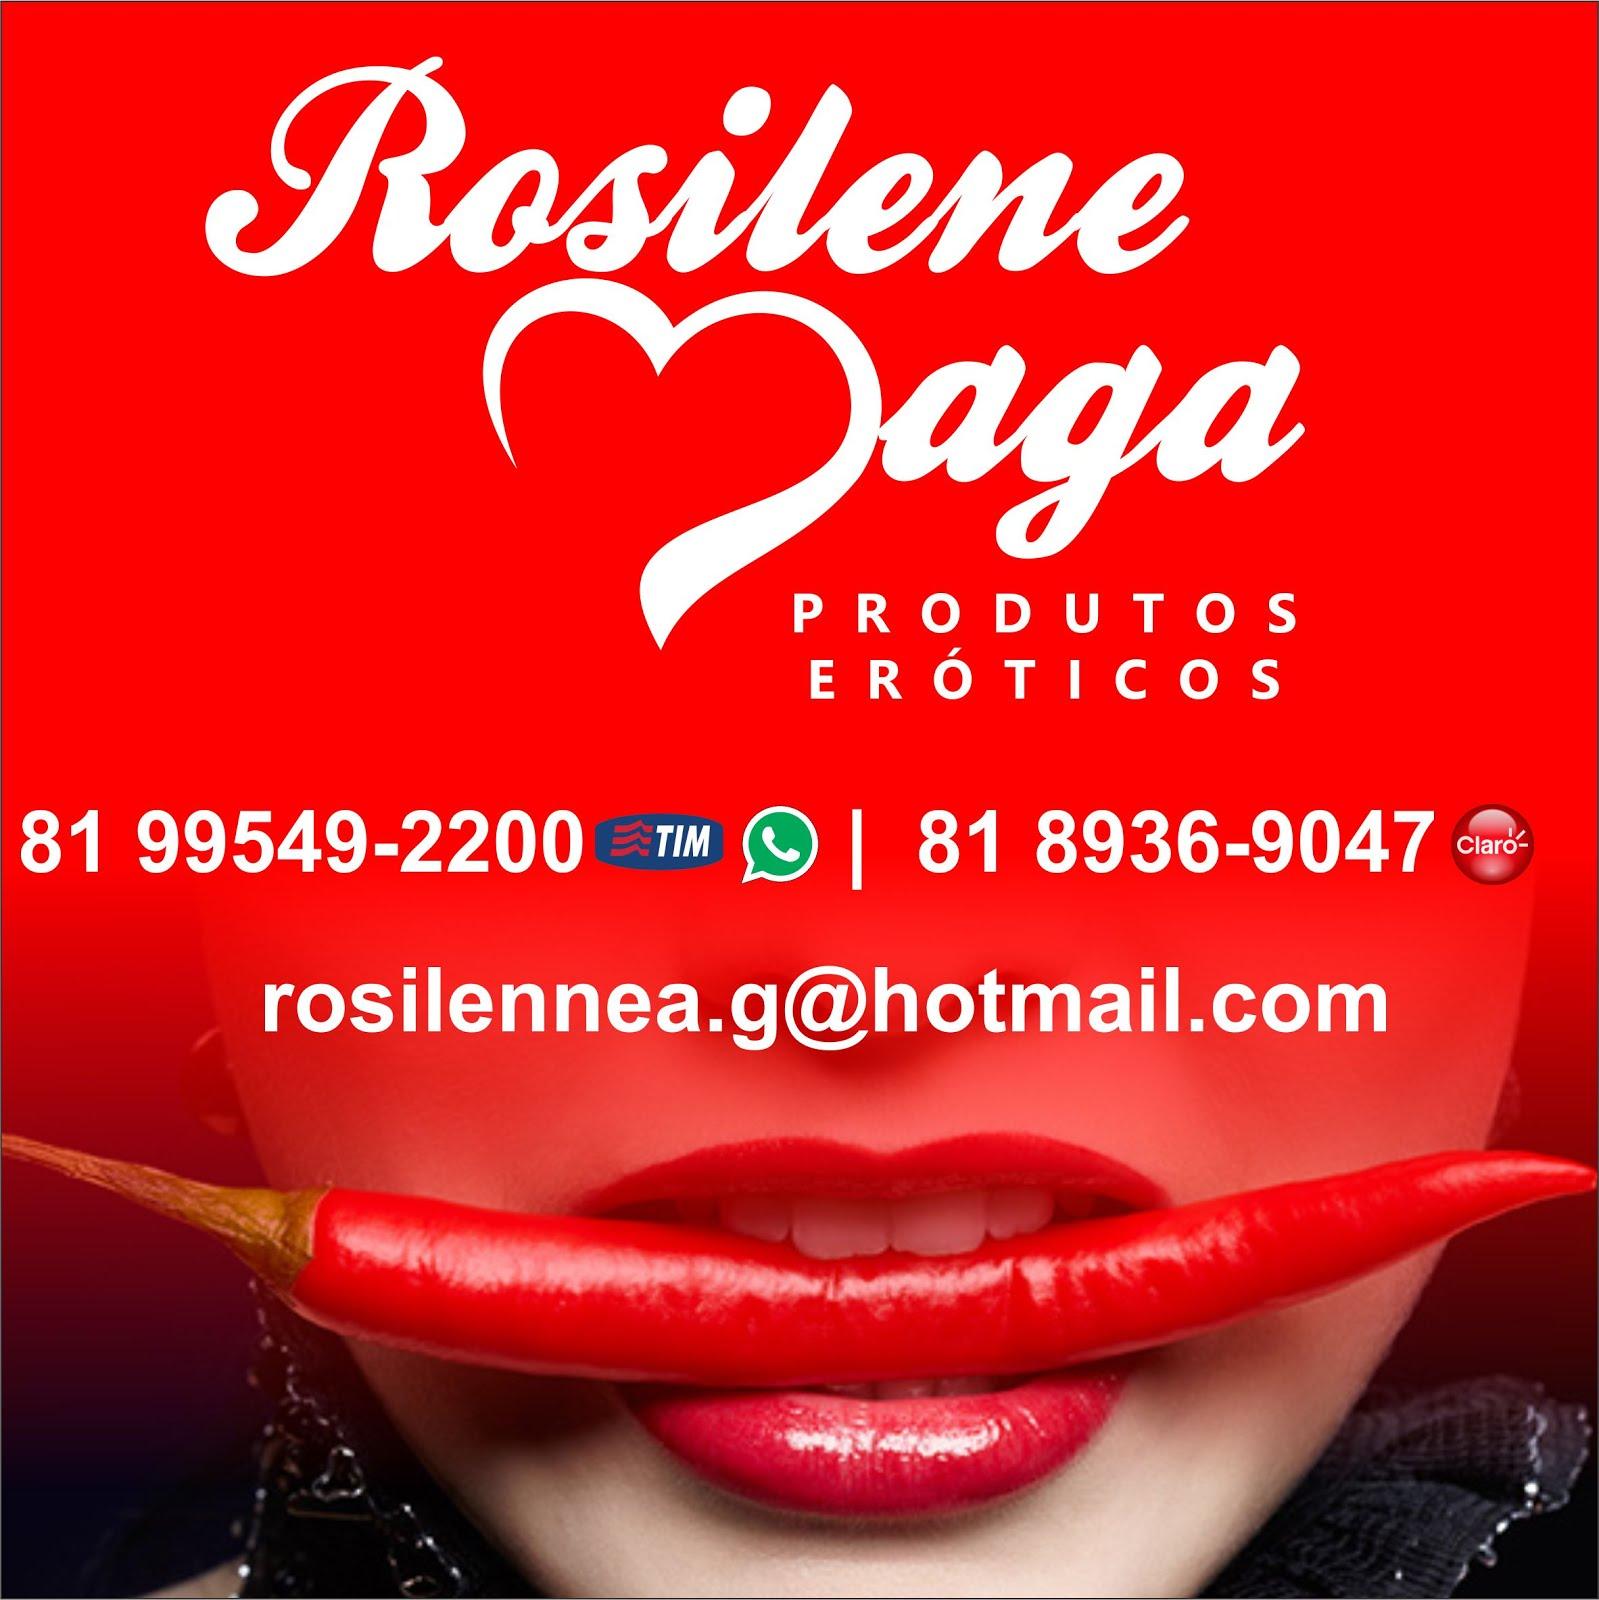 Publicidade - Rosilene Maga Produtos Eróticos